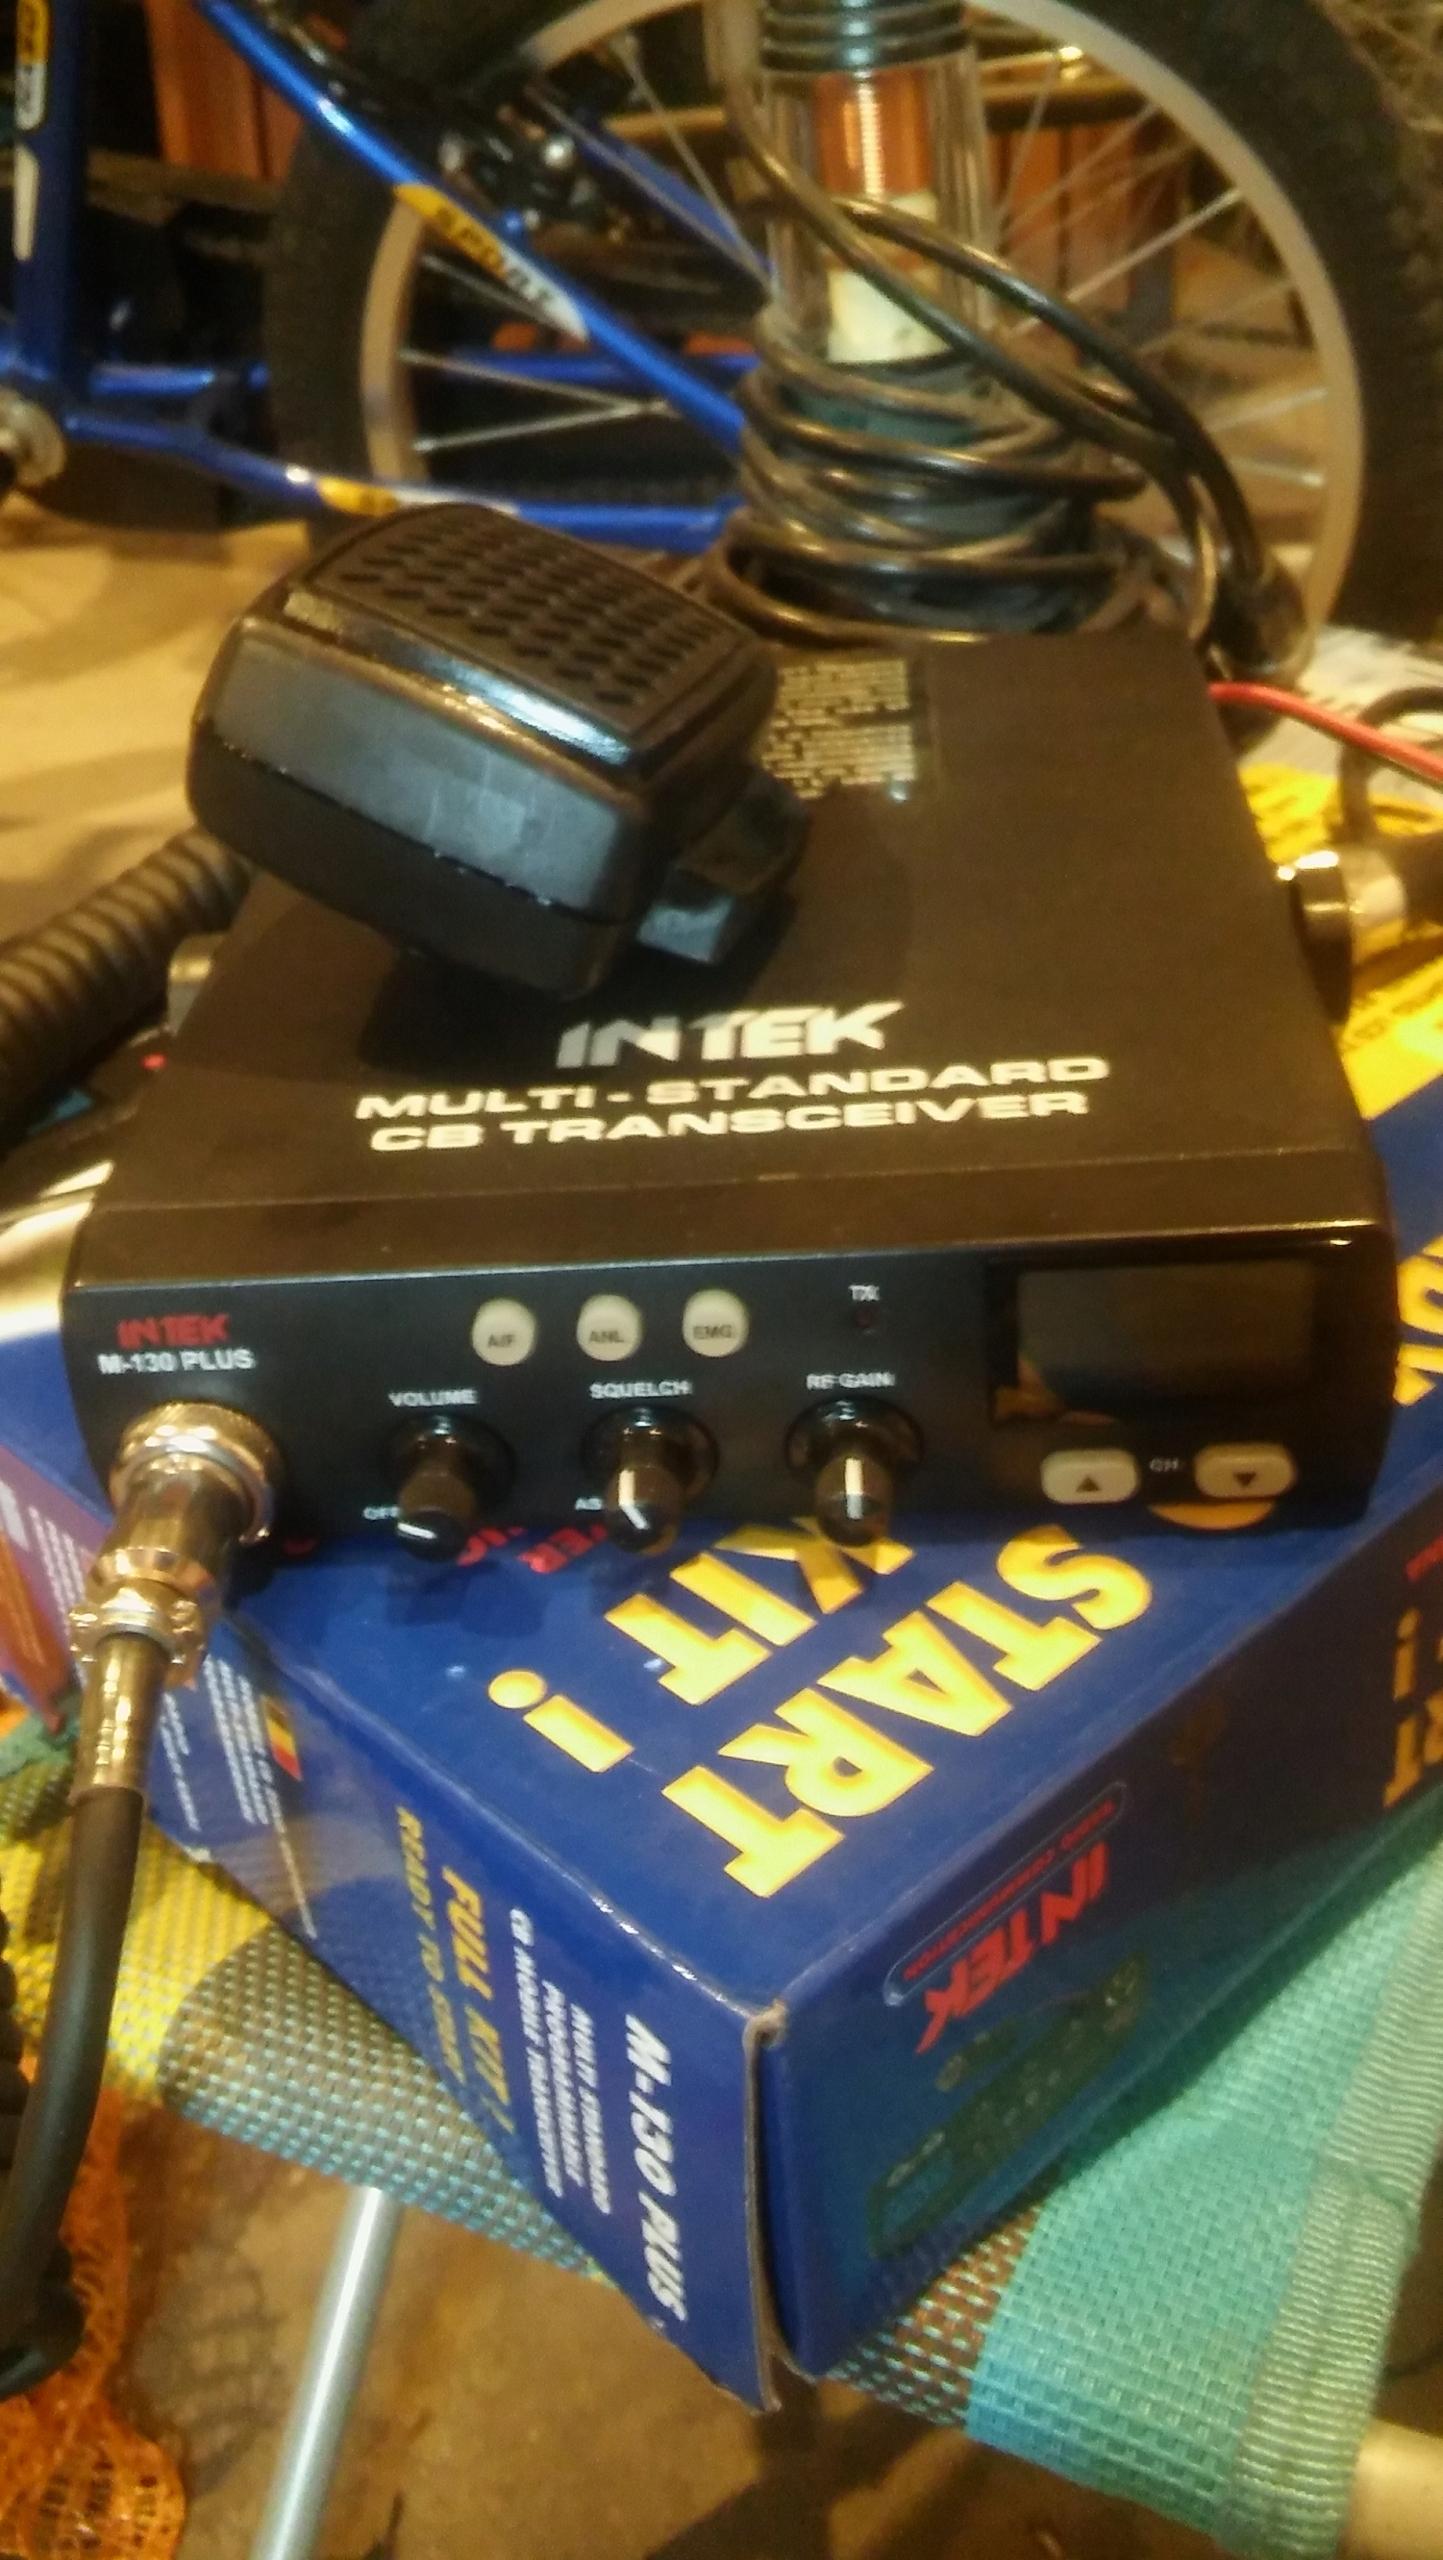 CB Radio Intek m130 Plus